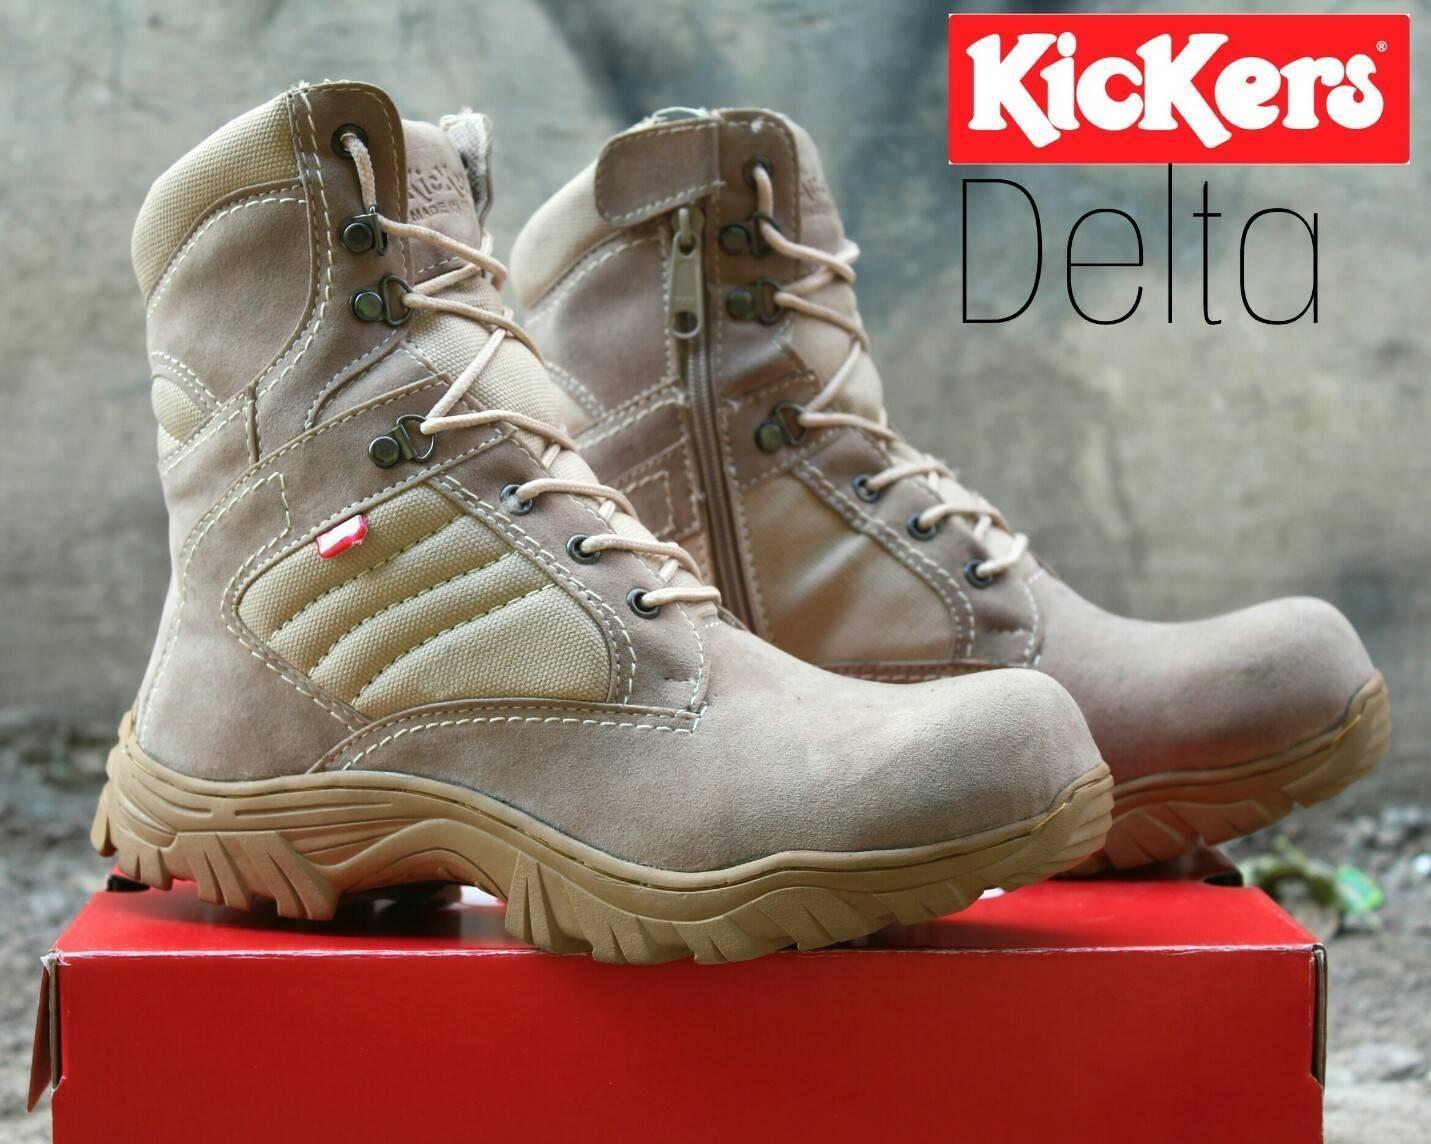 Sepatu Delta Boots Safety Kickers Tracking Hiking Gunung Kerja Proyek Olahraga running Jogging Lari Senam Sekolah AnaK nike adidas Boots Casual Sneakers Formal  Safety Shoes PDL PDH Kerja Lapangan